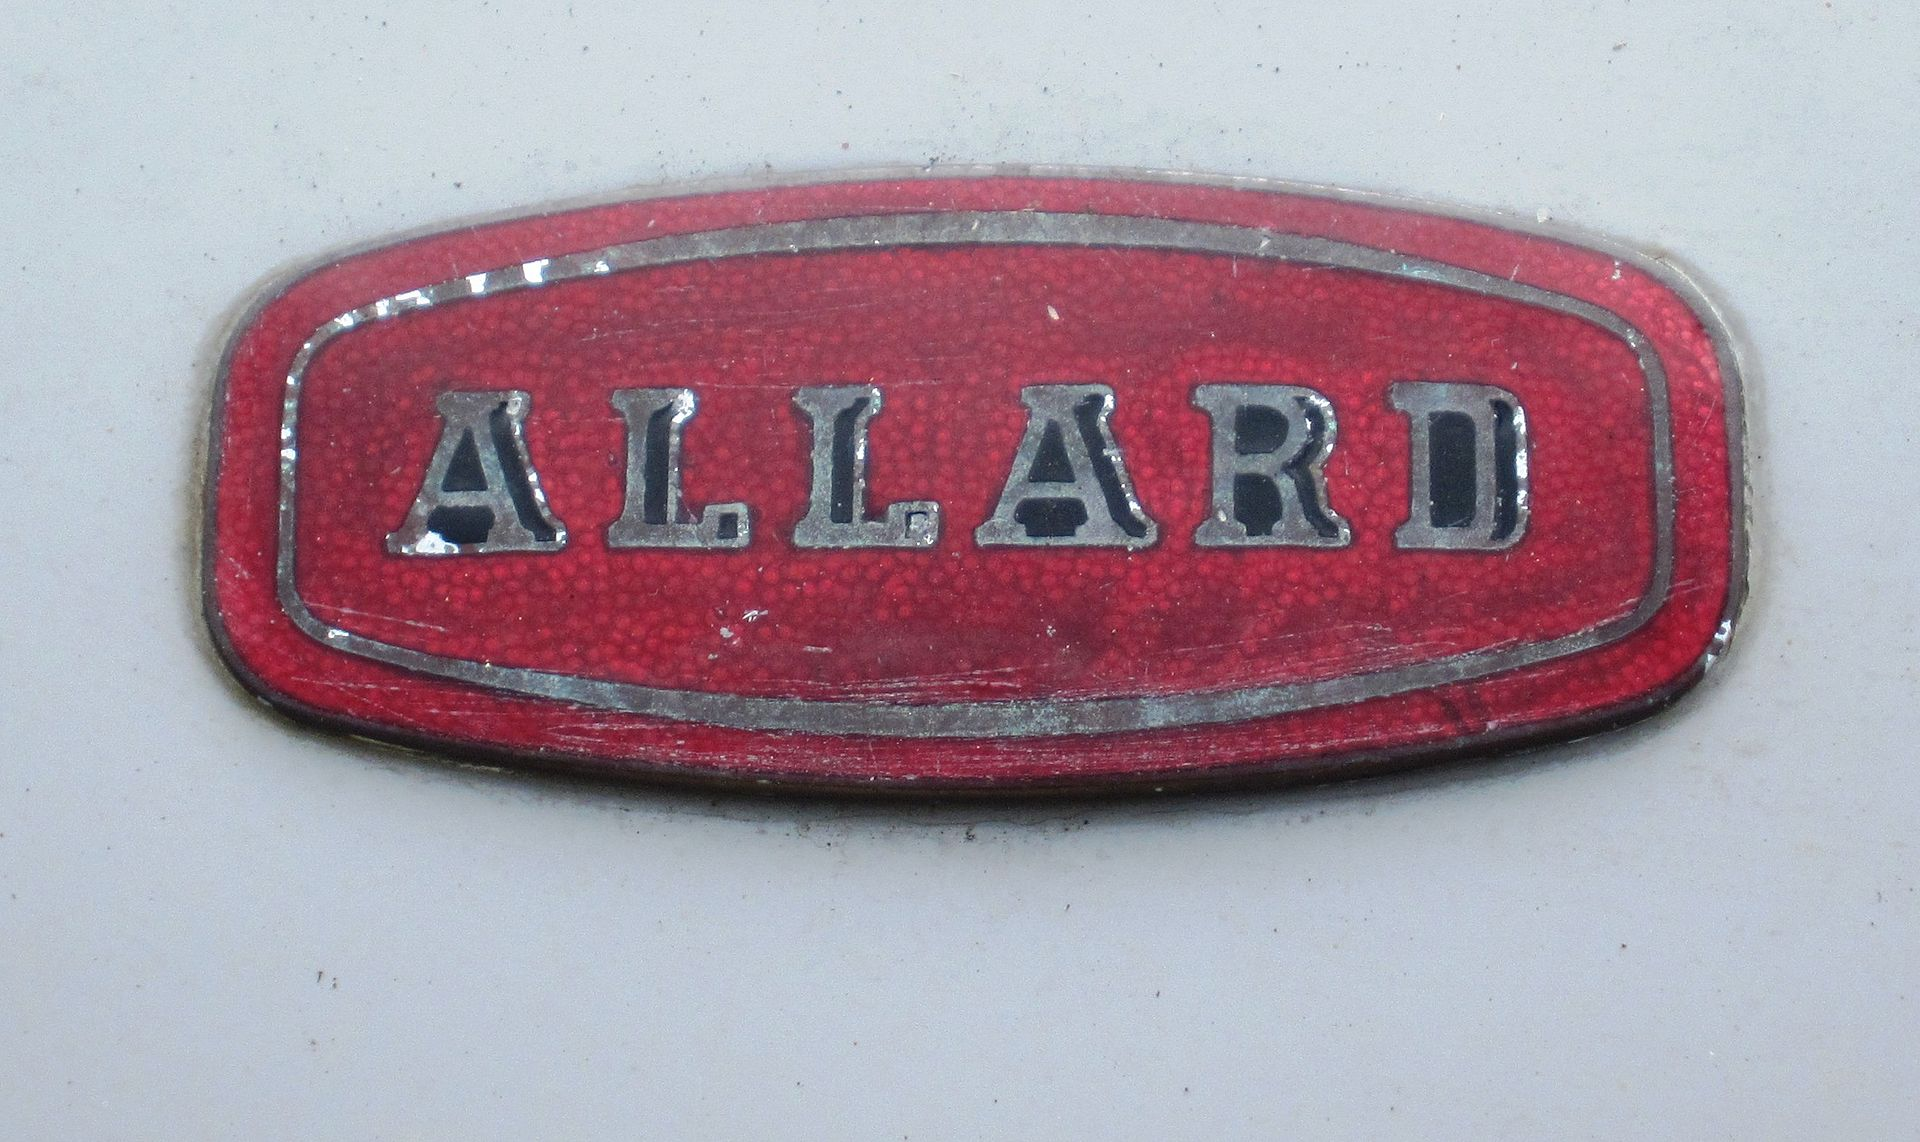 Allard - Wikipedia